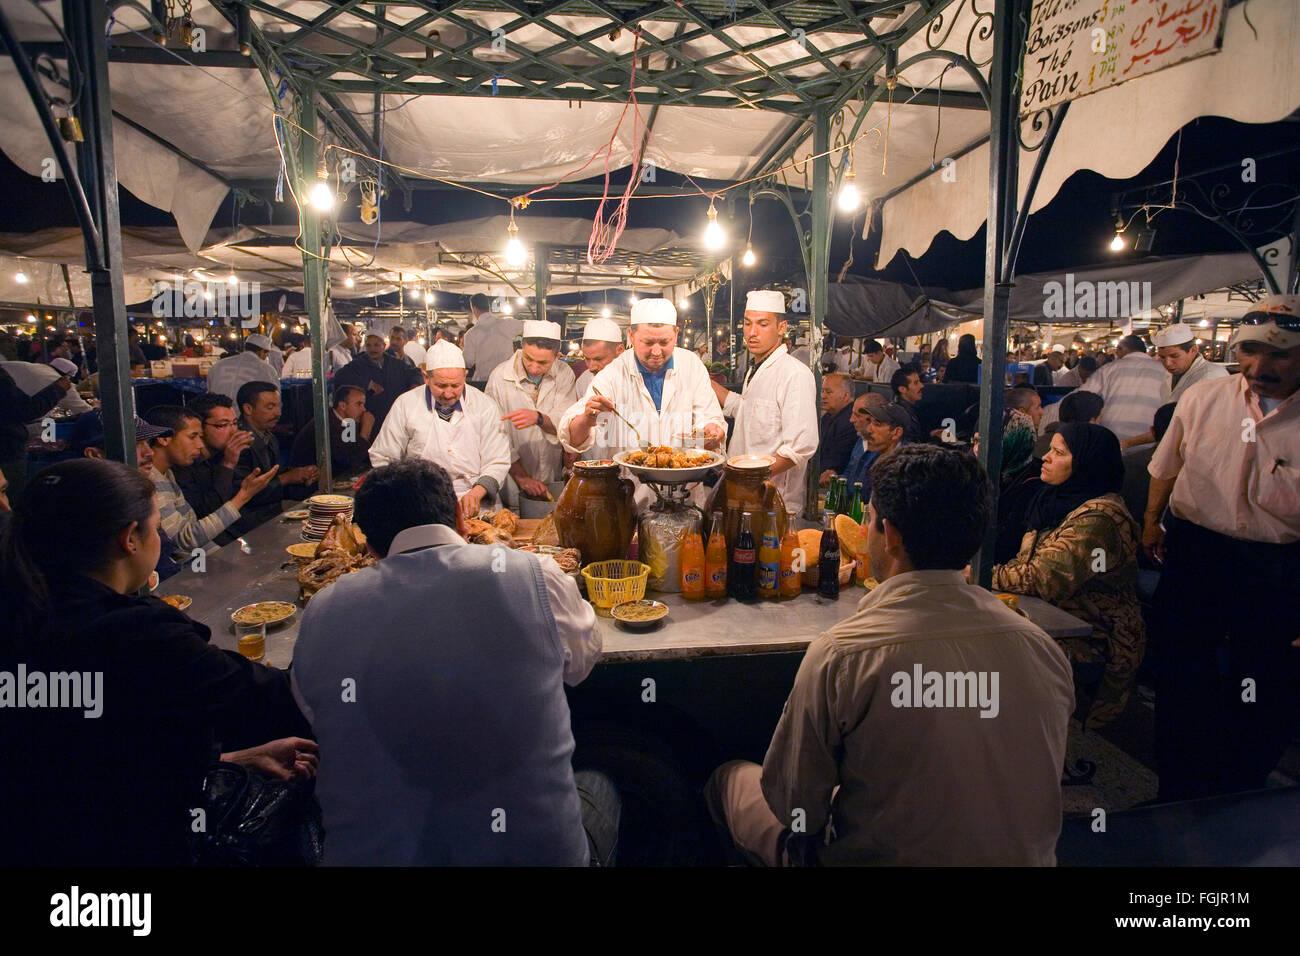 Mangiare fuori in Piazza Jemaa El Fna a Marrakech marocco Immagini Stock